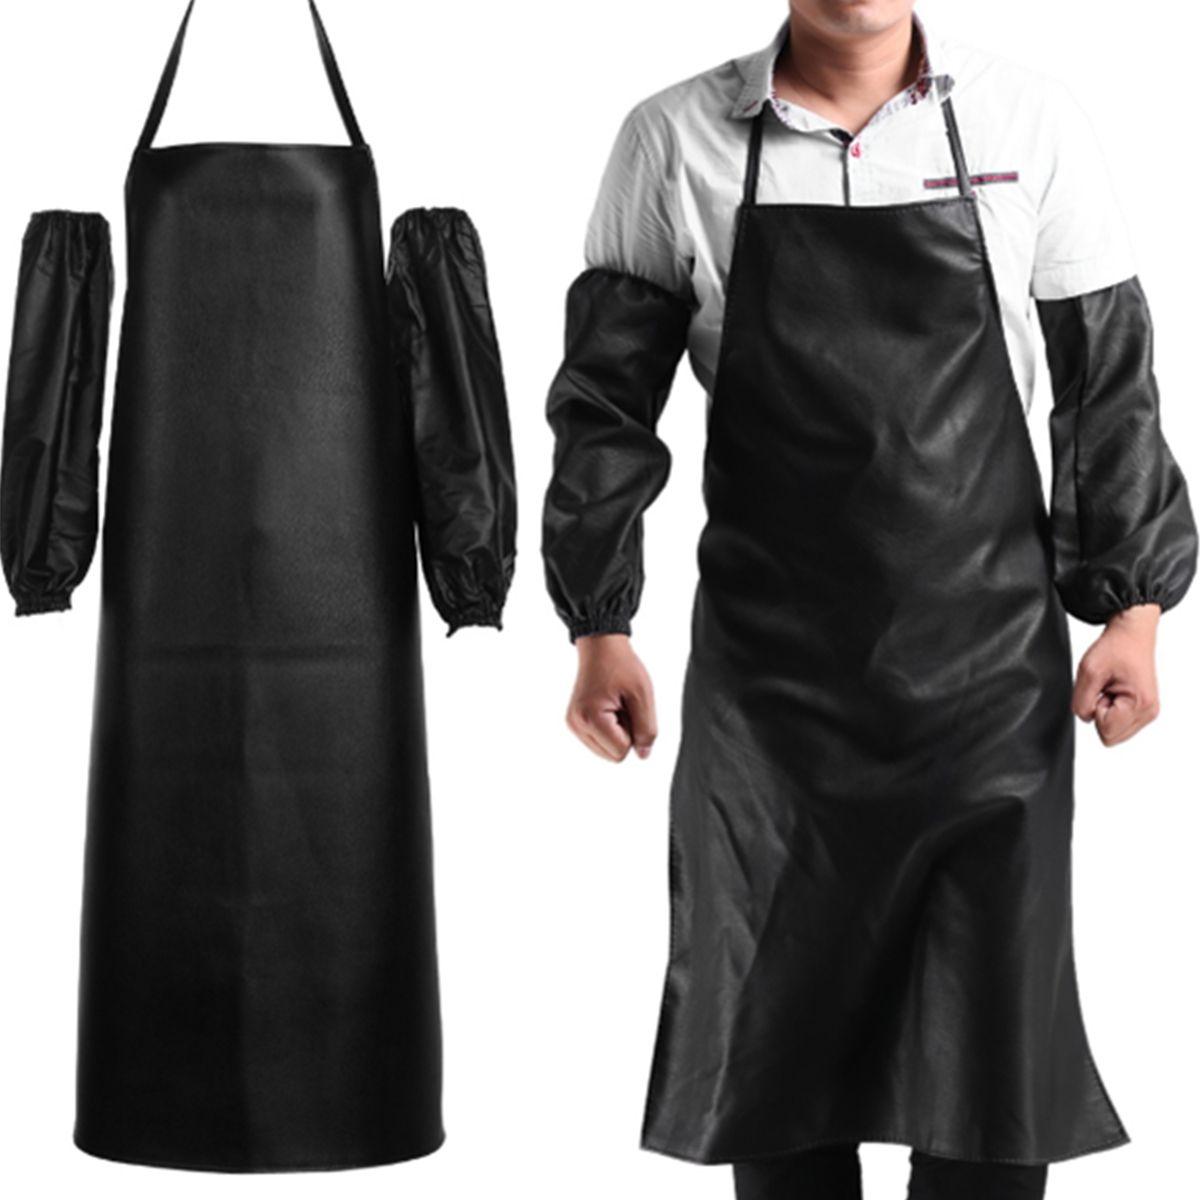 Ev ve Bahçe'ten Önlükler'de Su geçirmez anti yağ restoran Coing şef deri önlük manşet kolluk mutfak önlükleri temizlik hızlı kuruyan siyah title=